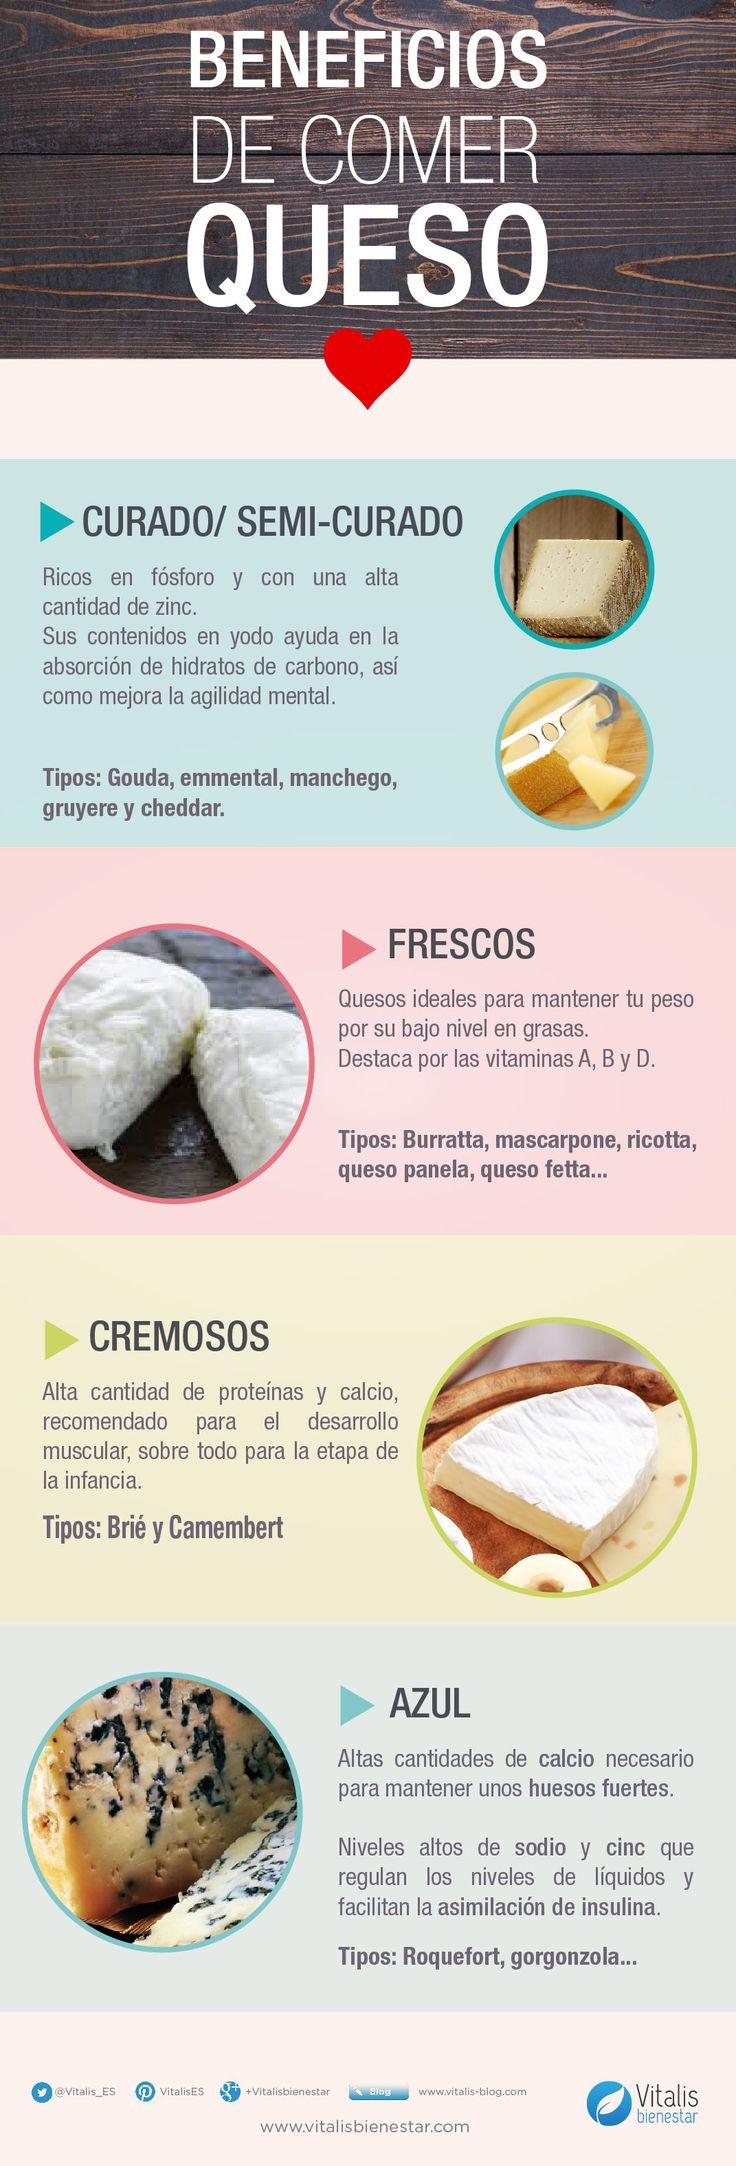 Beneficios de comer queso #infografia